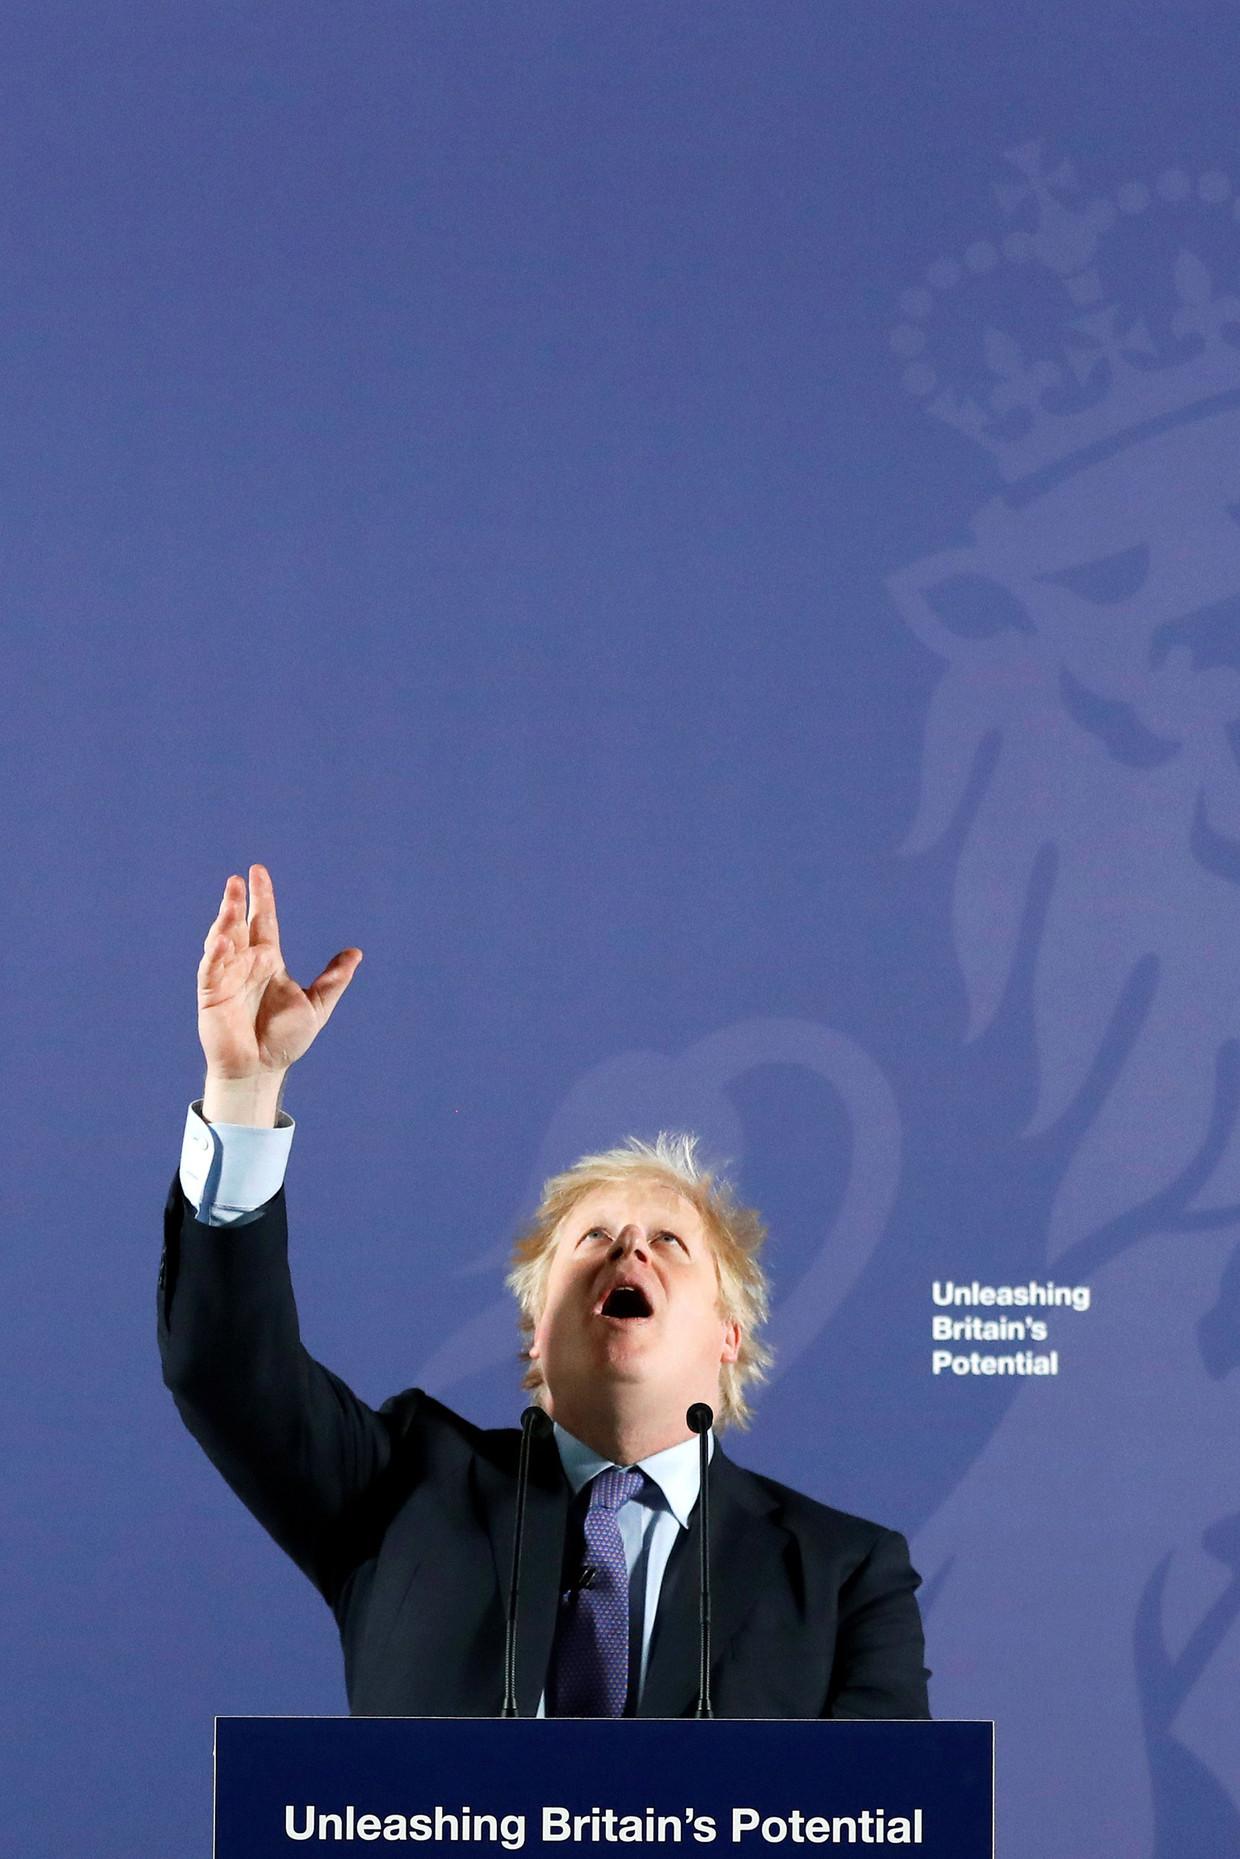 Premier Boris Johnson zei maandag in een toespraak dat het Verenigd Koninkrijk het desnoods zónder handelsakkoord met de EU zal doen.